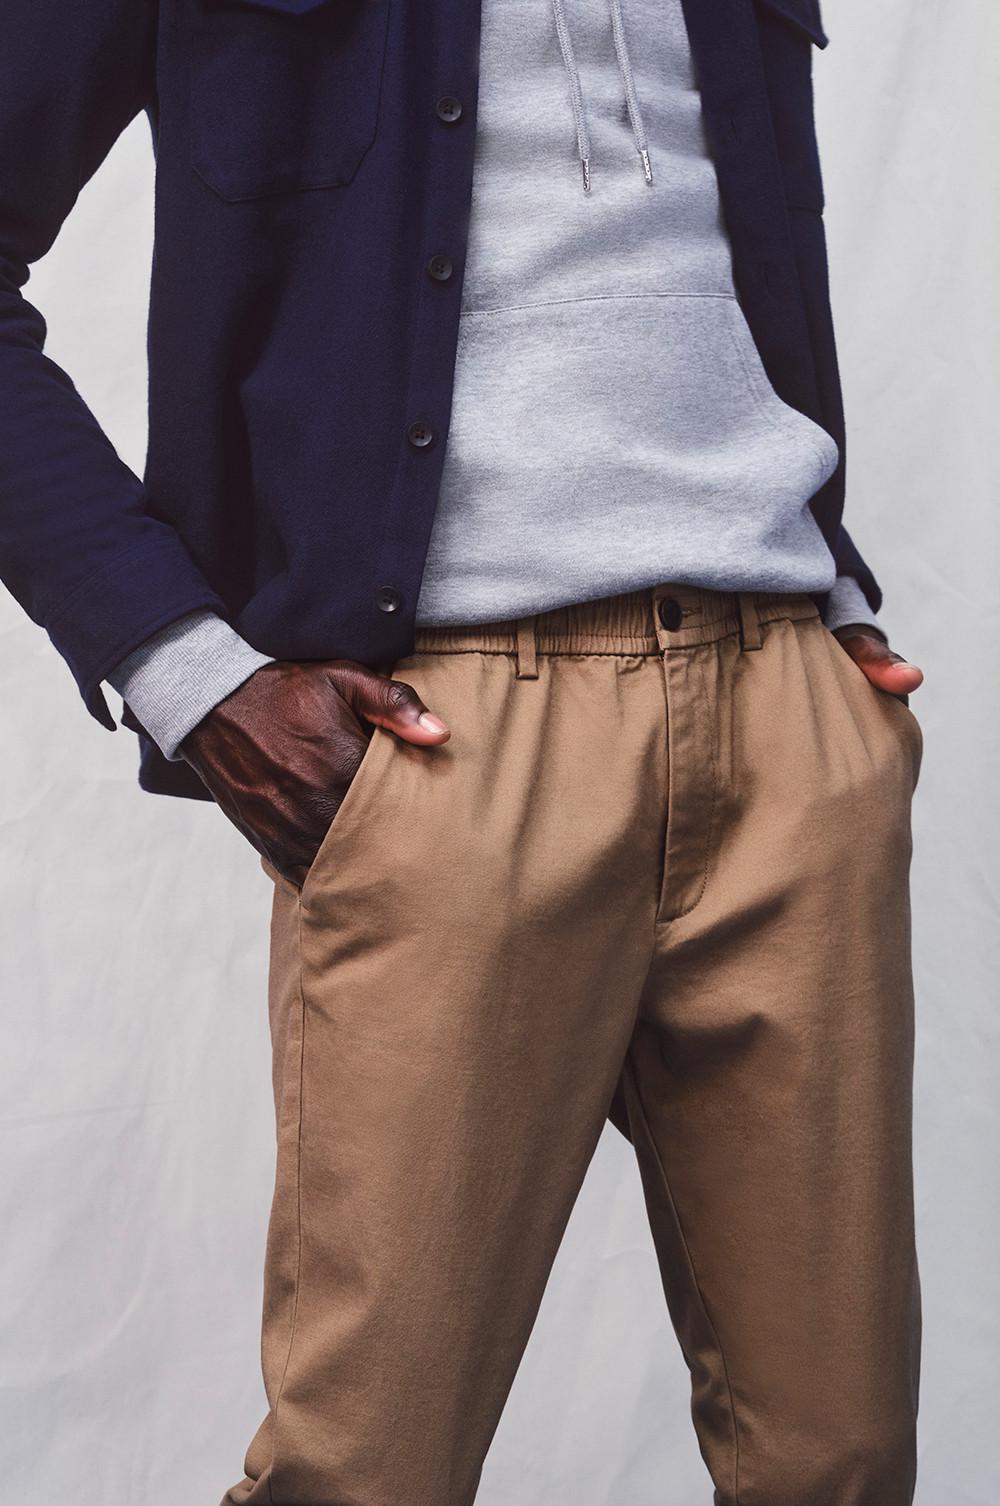 Mannequin portant un jean de couleur claire